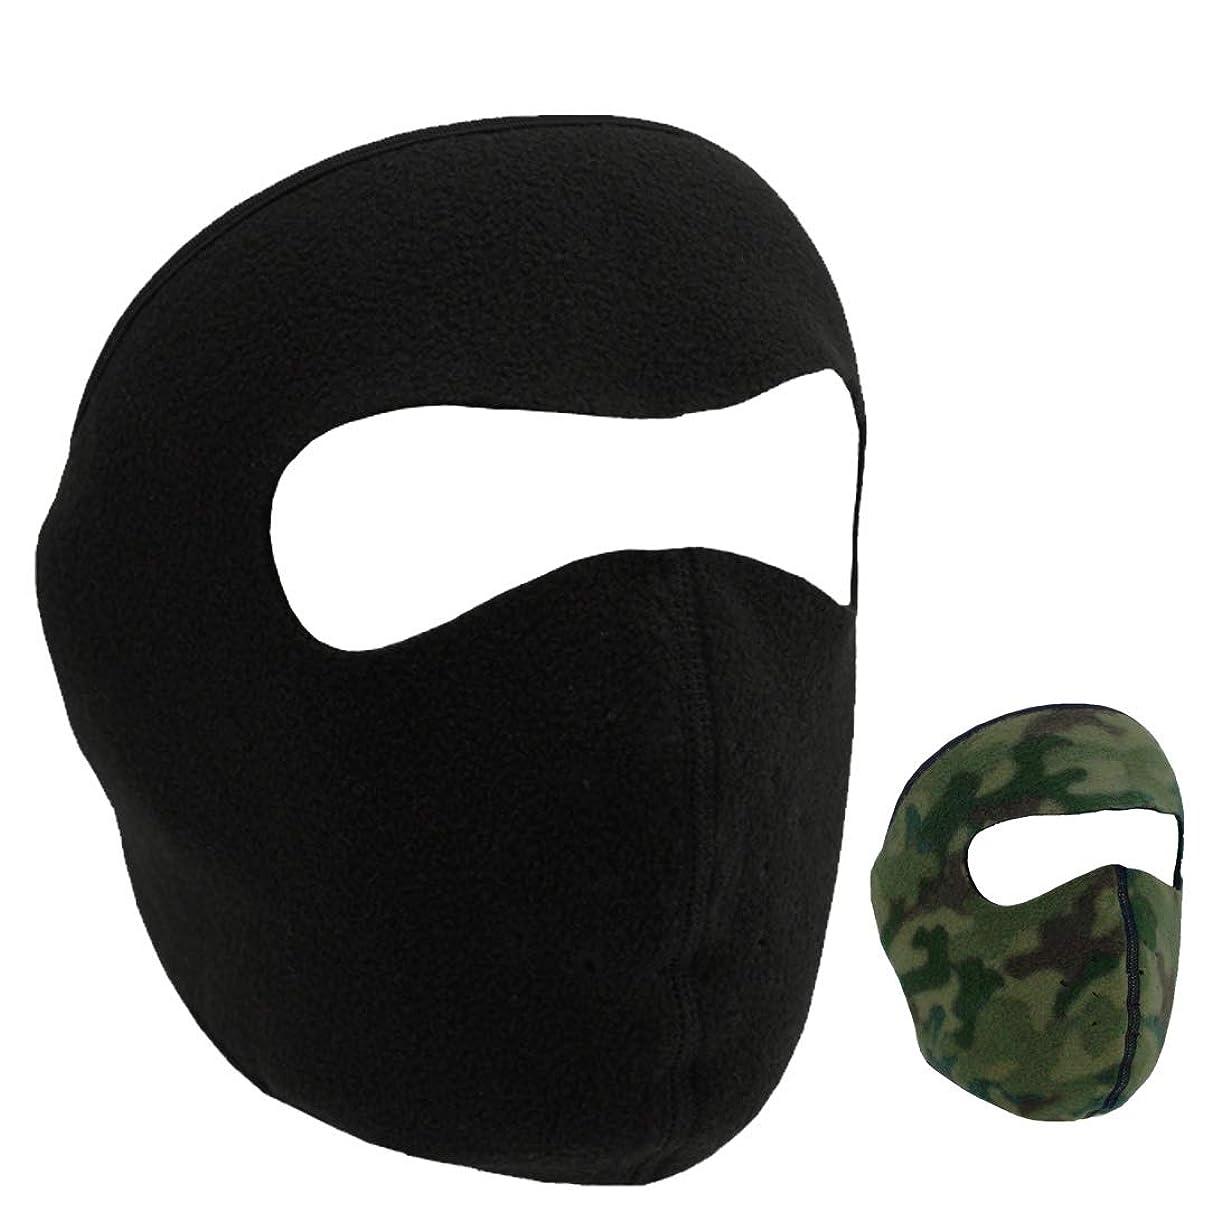 風刺膜アセAirzir プレミアム3D通気性シームレスチューブフェイスマスク 防塵UV保護 Universal ブラック AIR-FM-PP